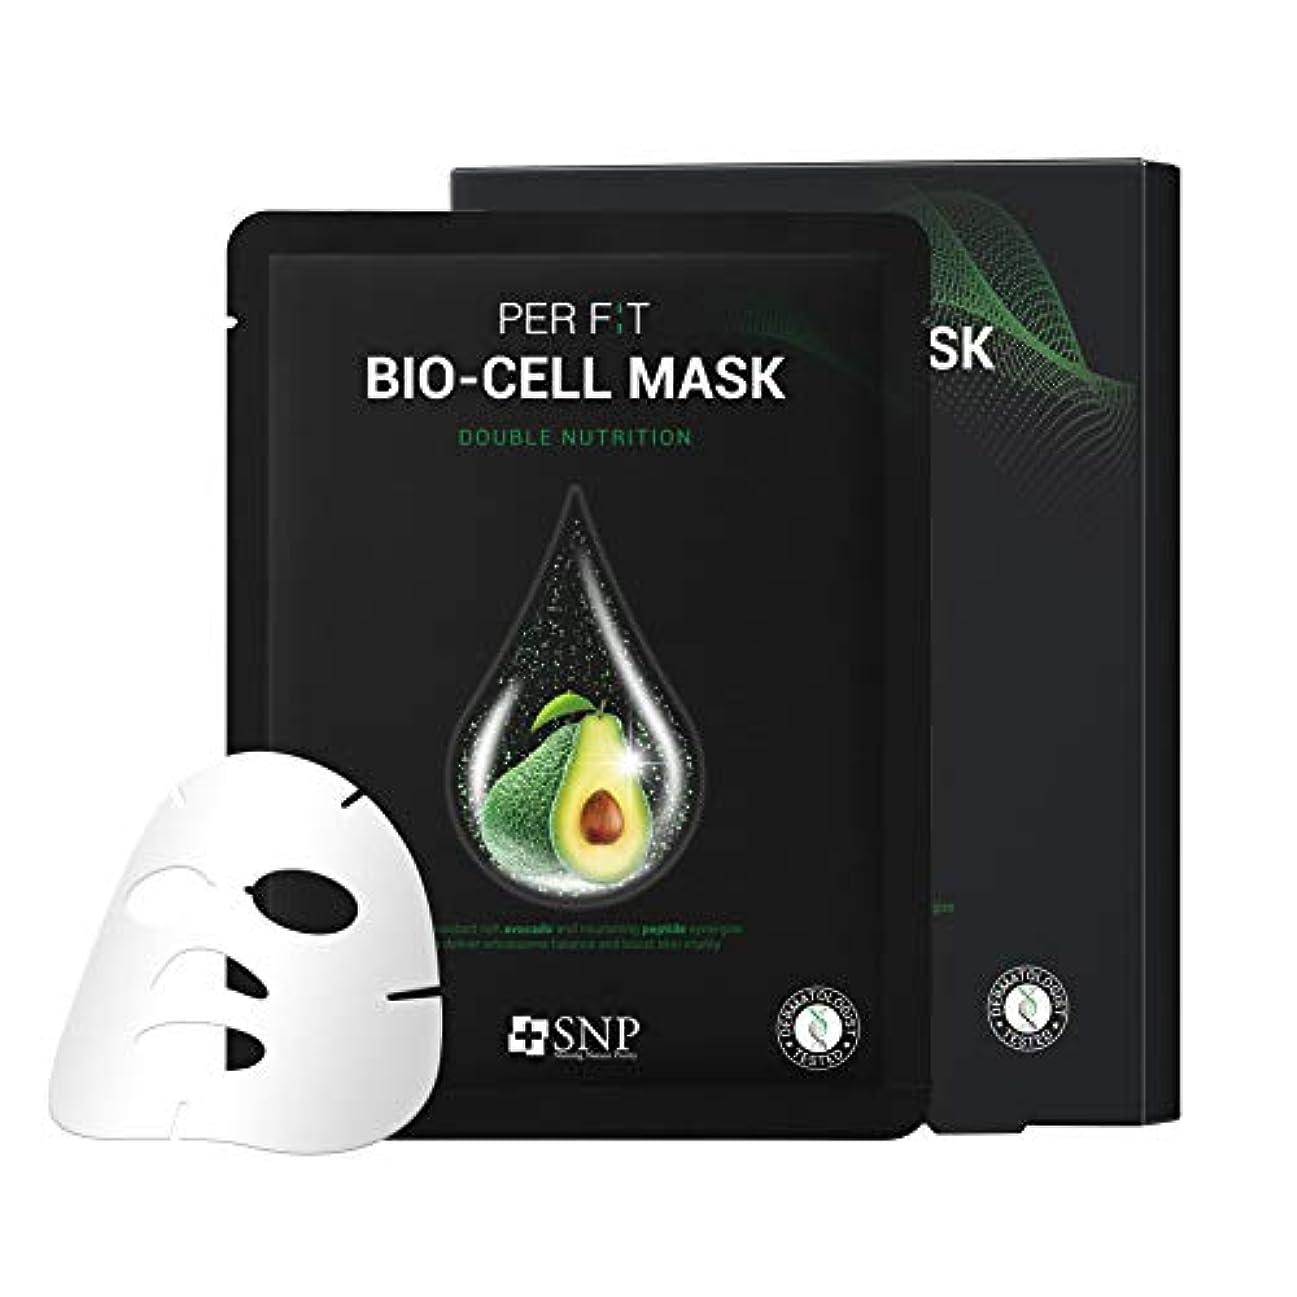 値下げ相談意図する【SNP公式】 パーフィット バイオセルマスク ダブルニュートリション 5枚セット / PER F:T BIO-CELL MASK DOUBLE NUTRITION 韓国パック 韓国コスメ パック マスクパック シートマスク